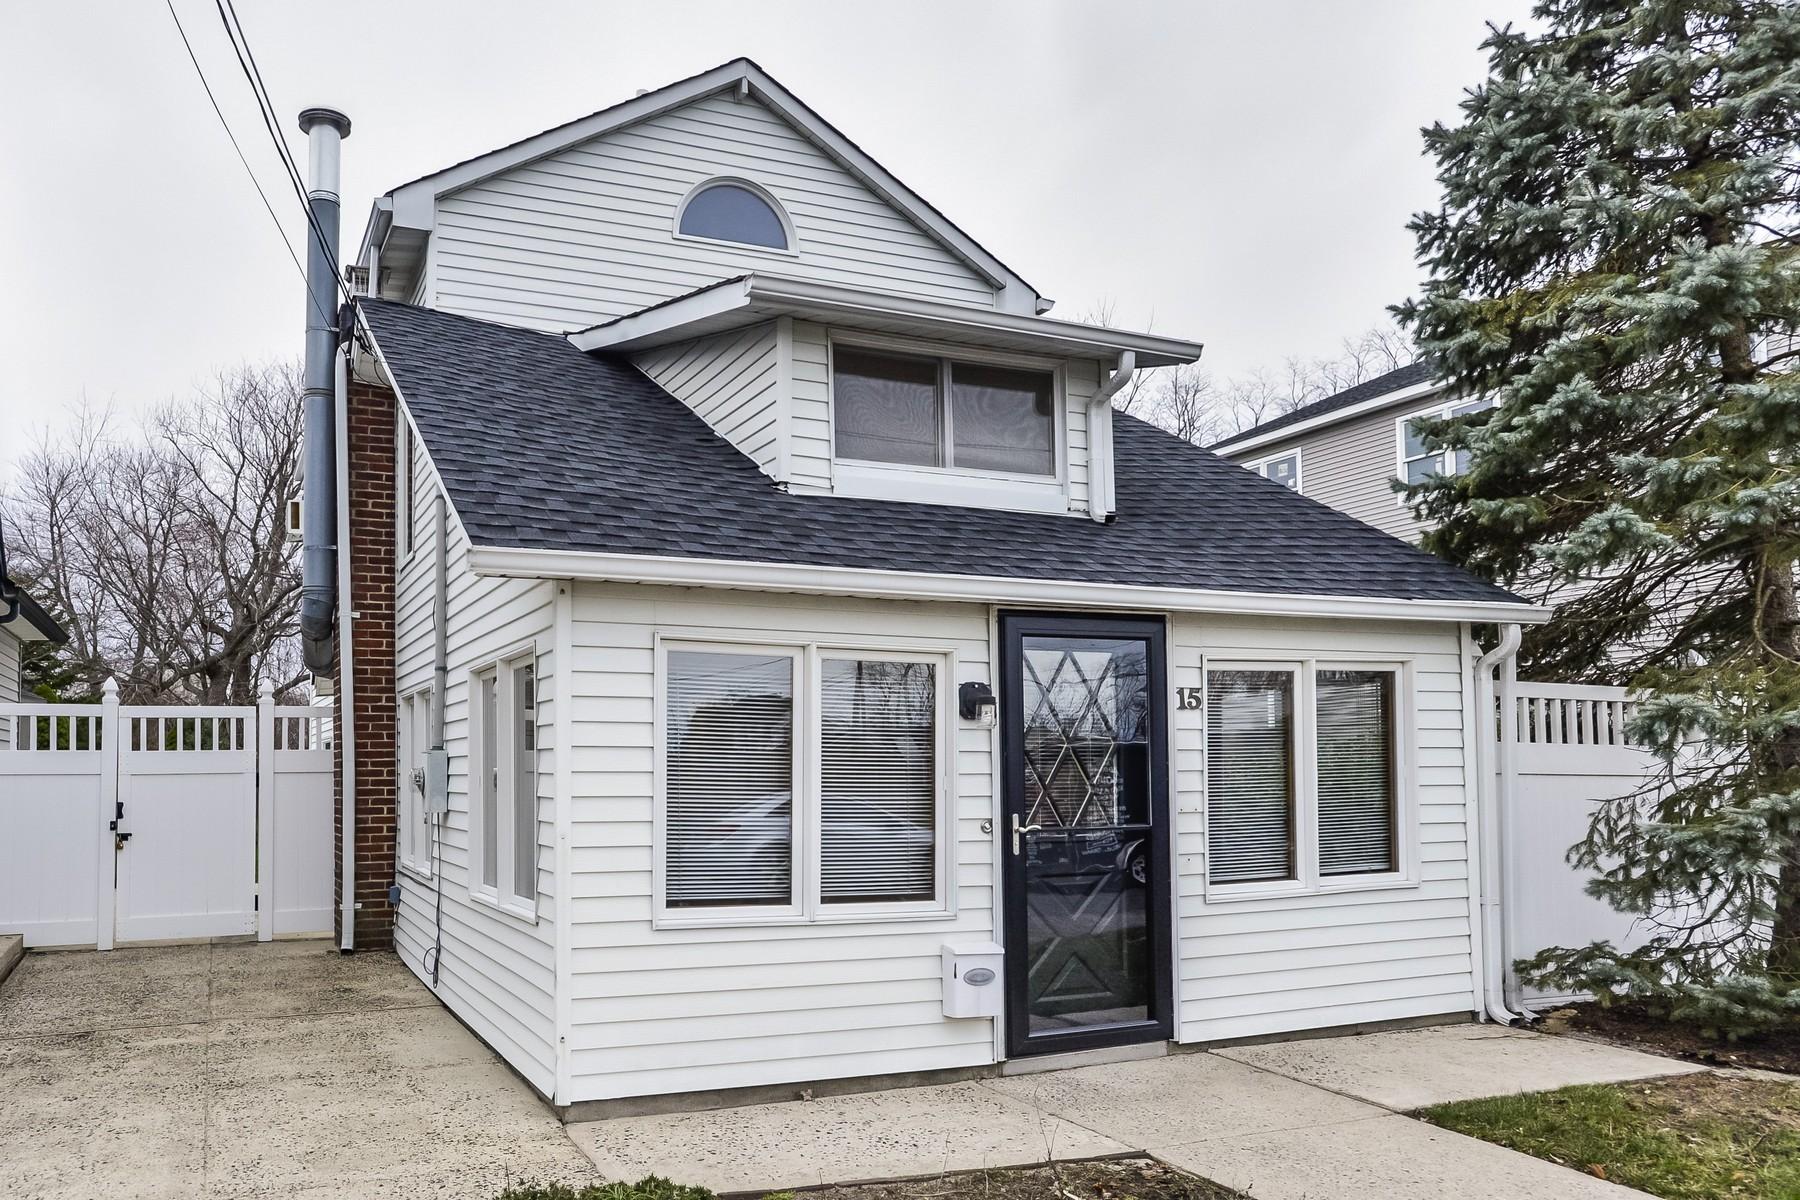 独户住宅 为 销售 在 15 Appleton Ave 莱昂纳多, 新泽西州, 07737 美国